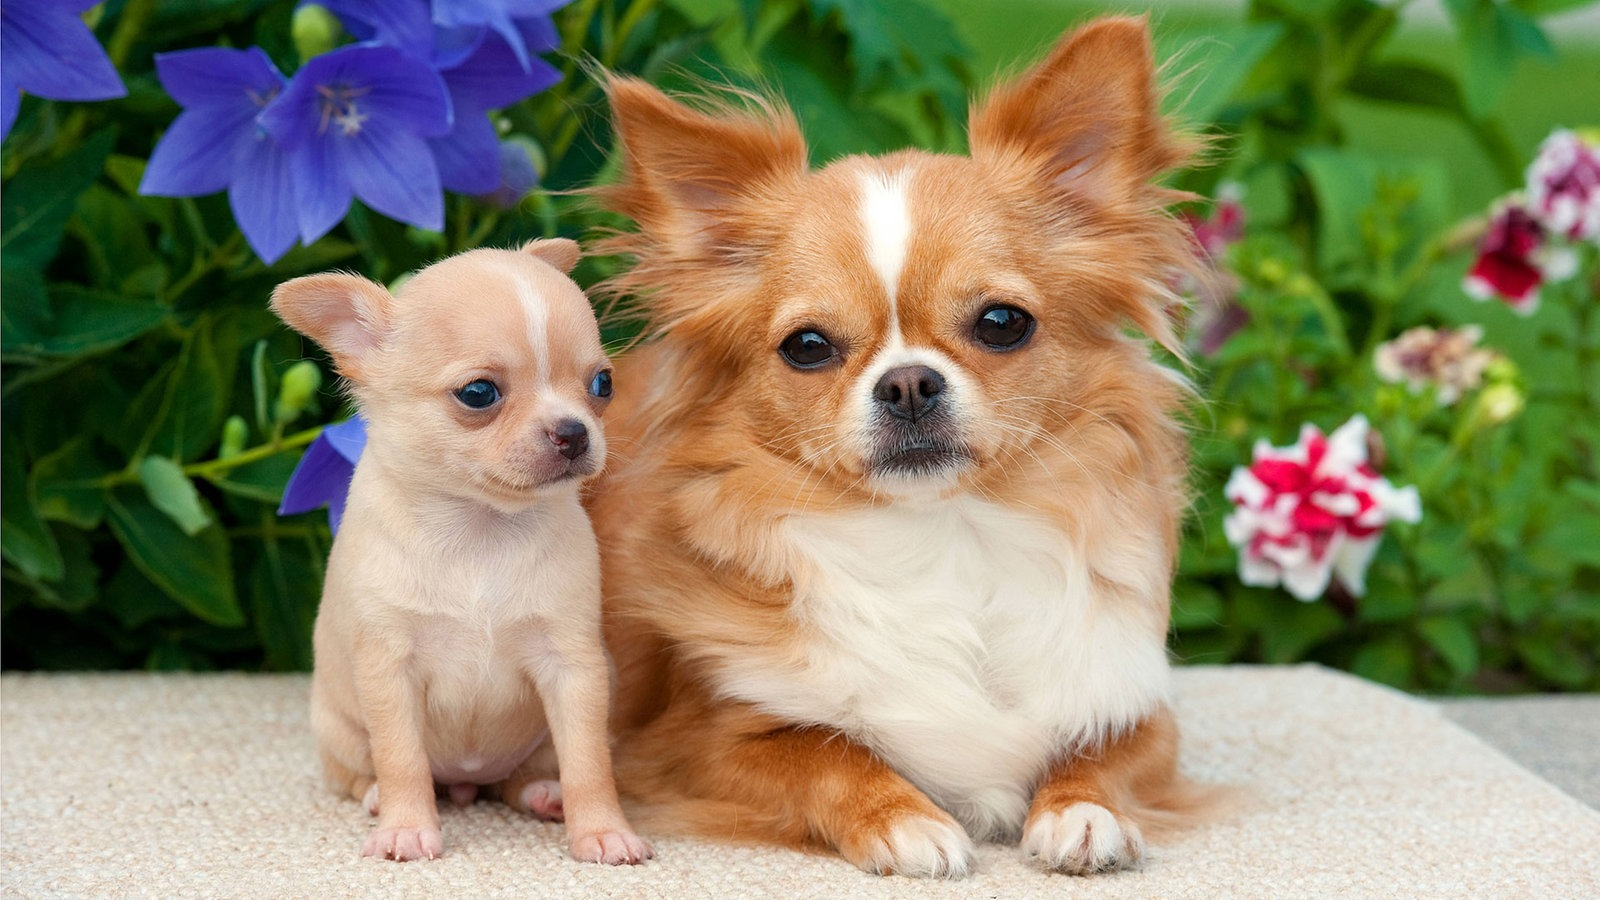 Zehn Dinge Die Kleine Hunde Nicht M 246 Gen Tiere Suchen